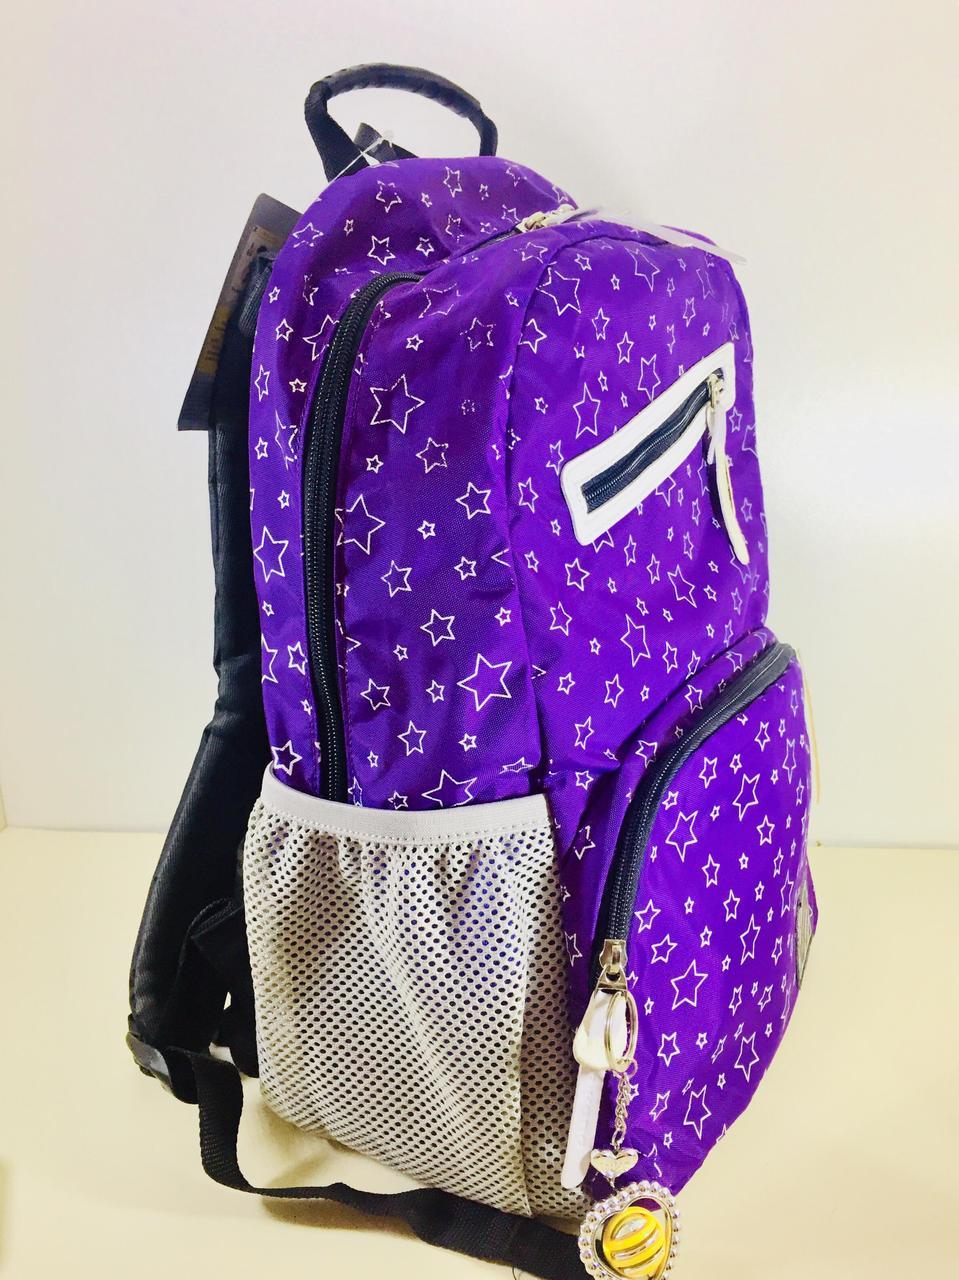 Рюкзак  Dr Kong  Z 321 размер М 42*29*15, фиолетовый, фото 1